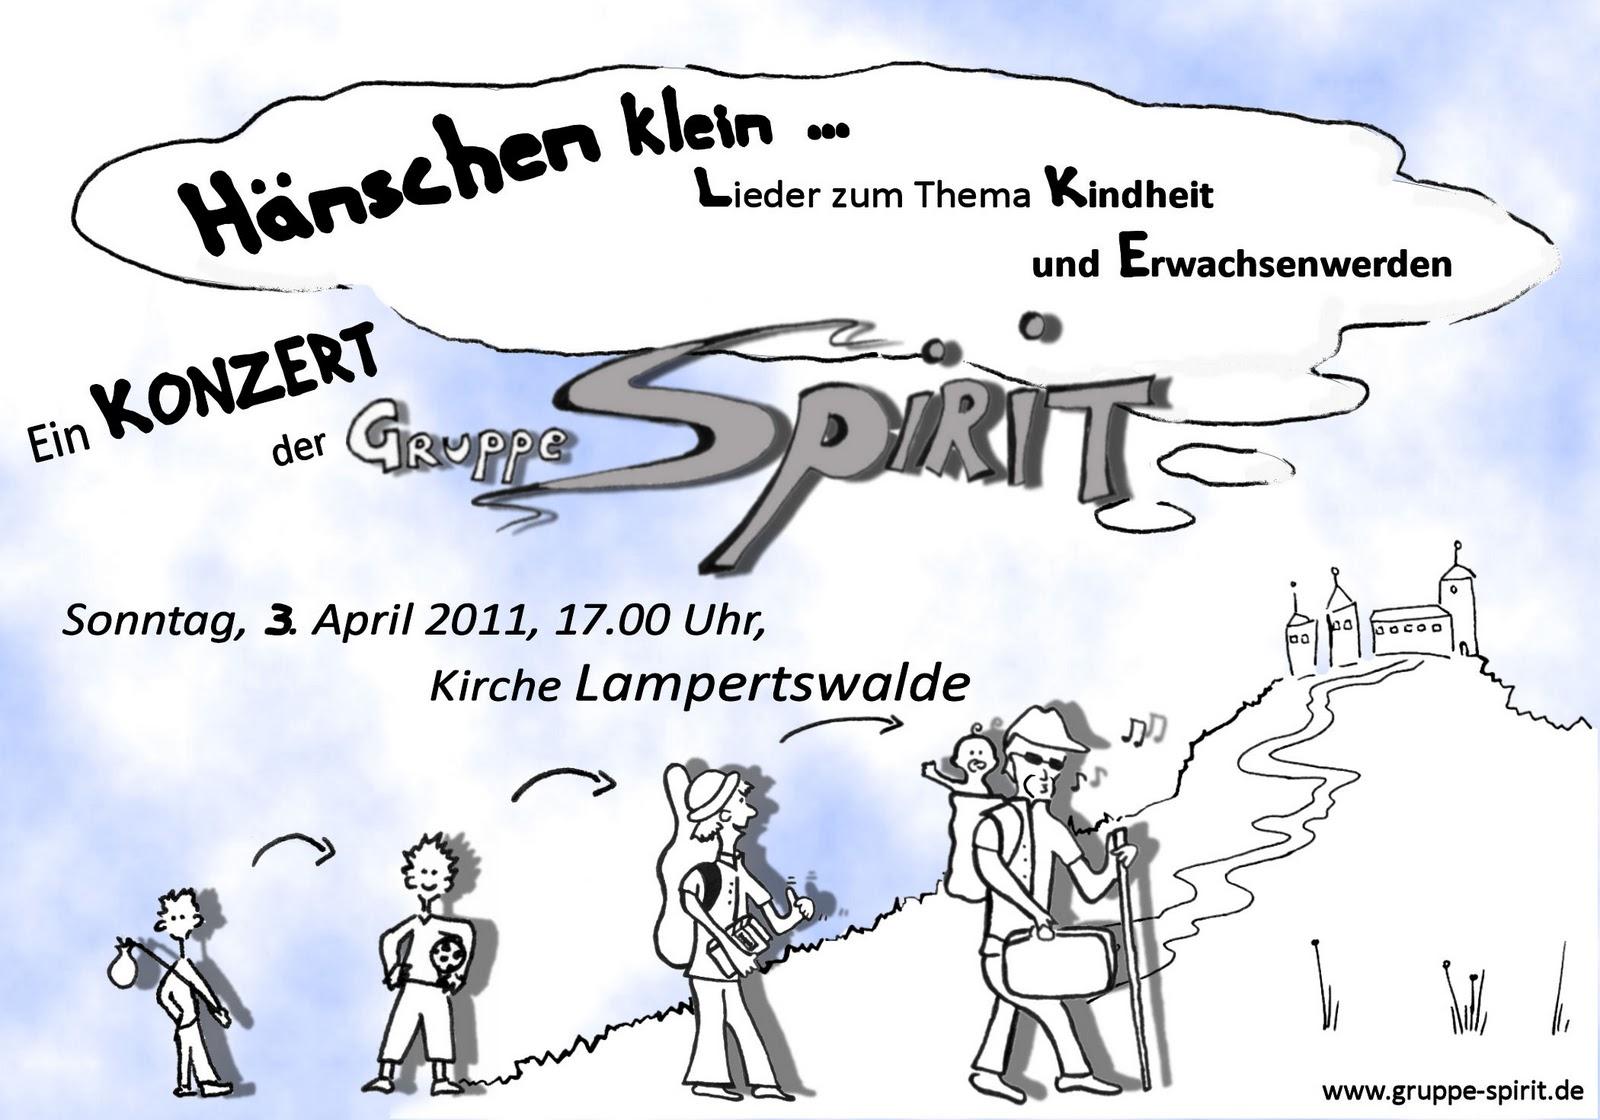 Einladung zum Spirit-Konzert in Lampertswald am 3. April 2011